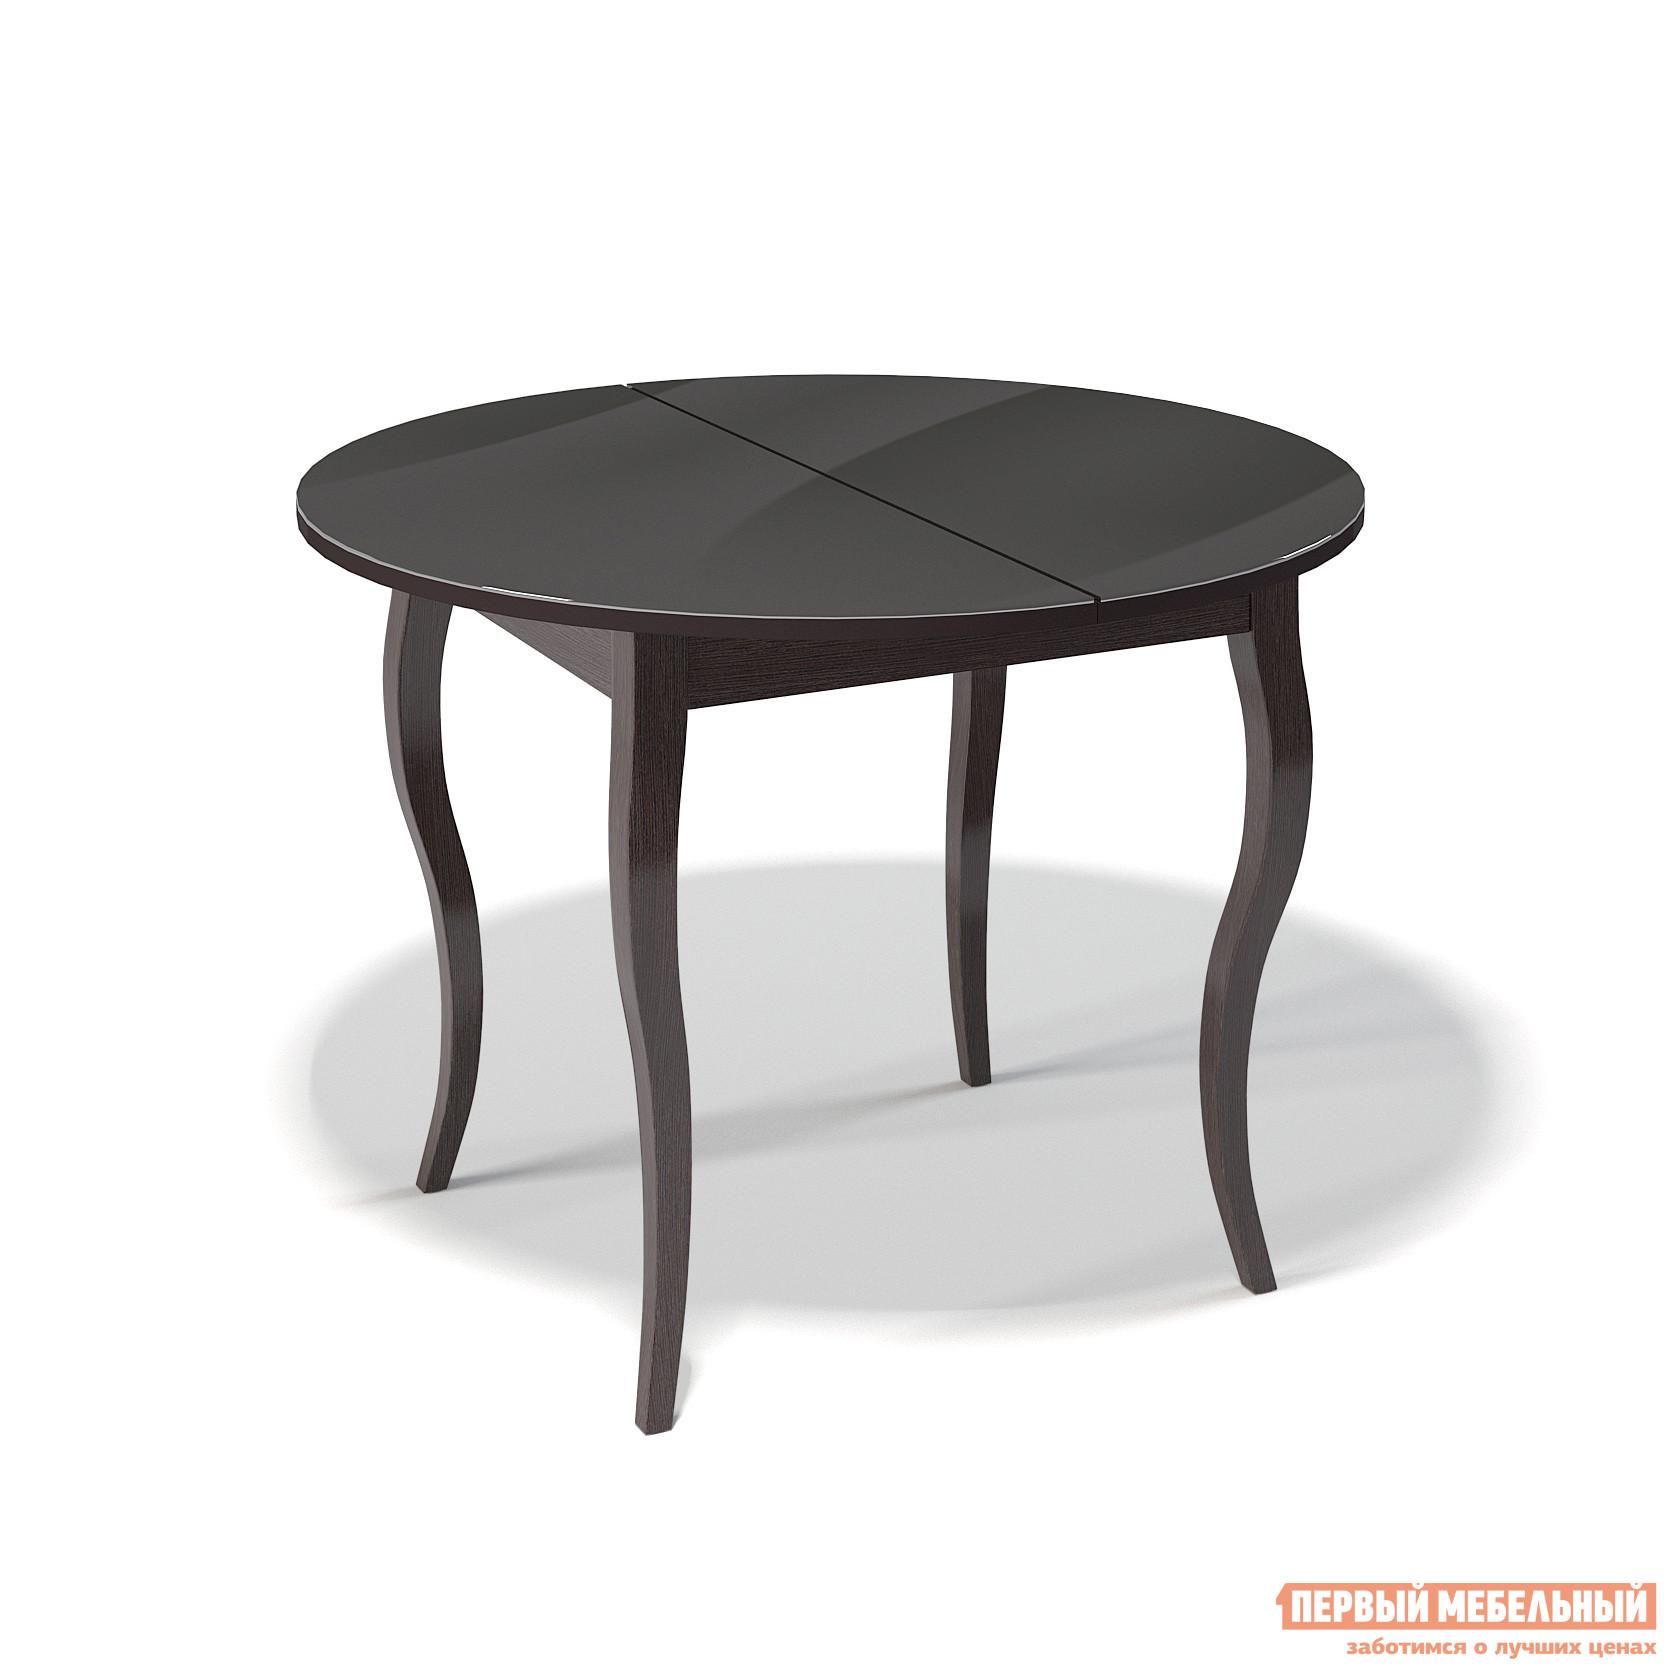 Круглый кухонный стол глянцевый ДИК KENNER 1000С круглый кухонный стол глянцевый дик kenner 1000с